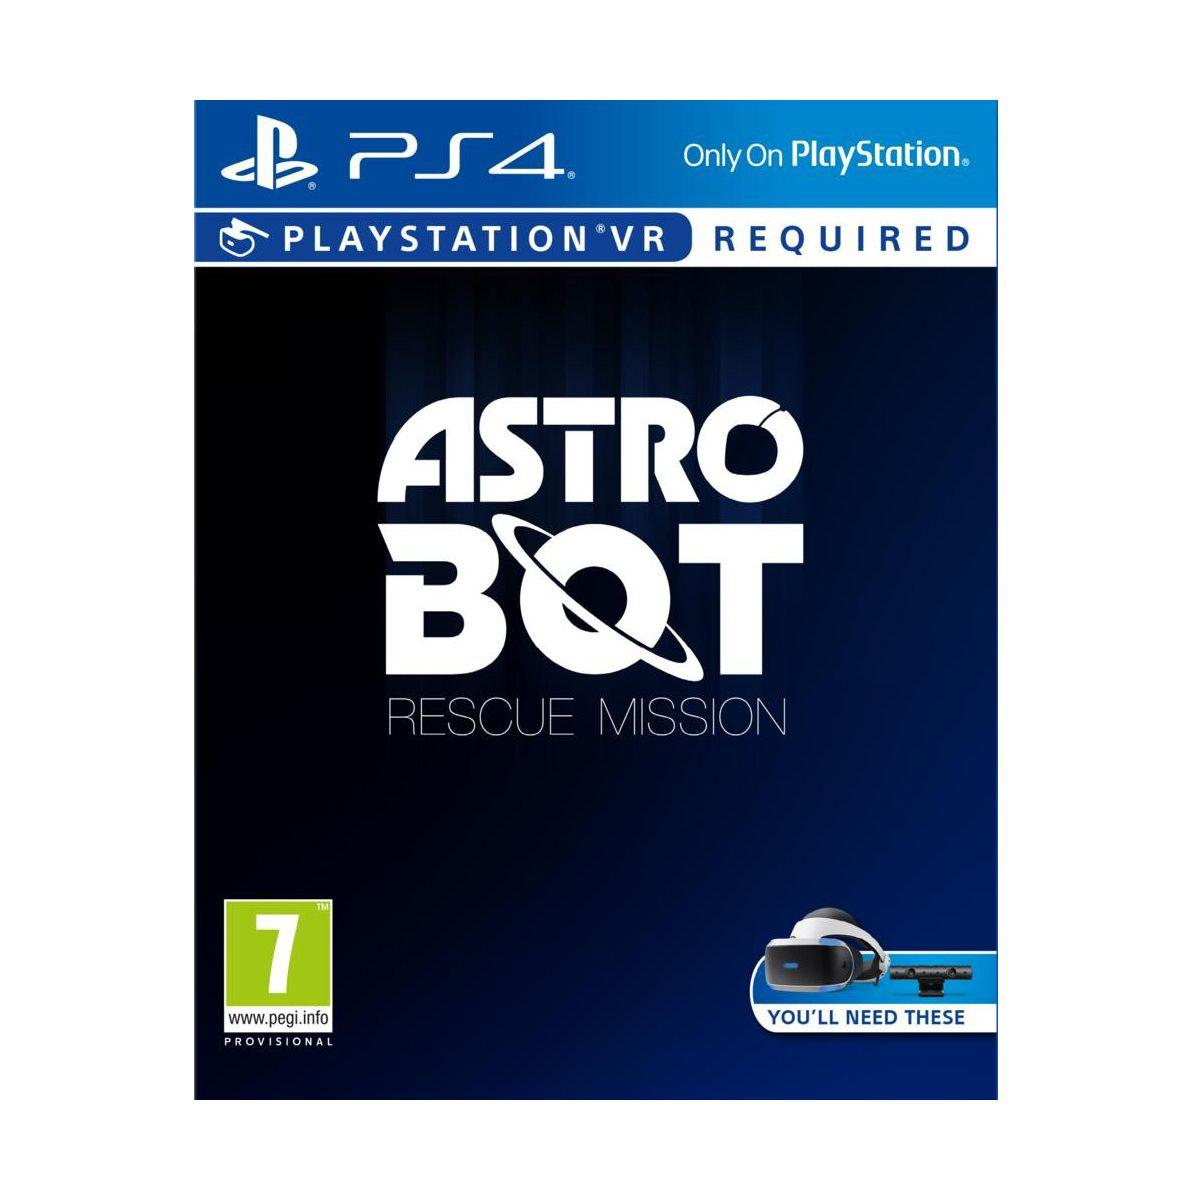 Jeu ps4 sony jeu vr astro bot rescue mission (photo)